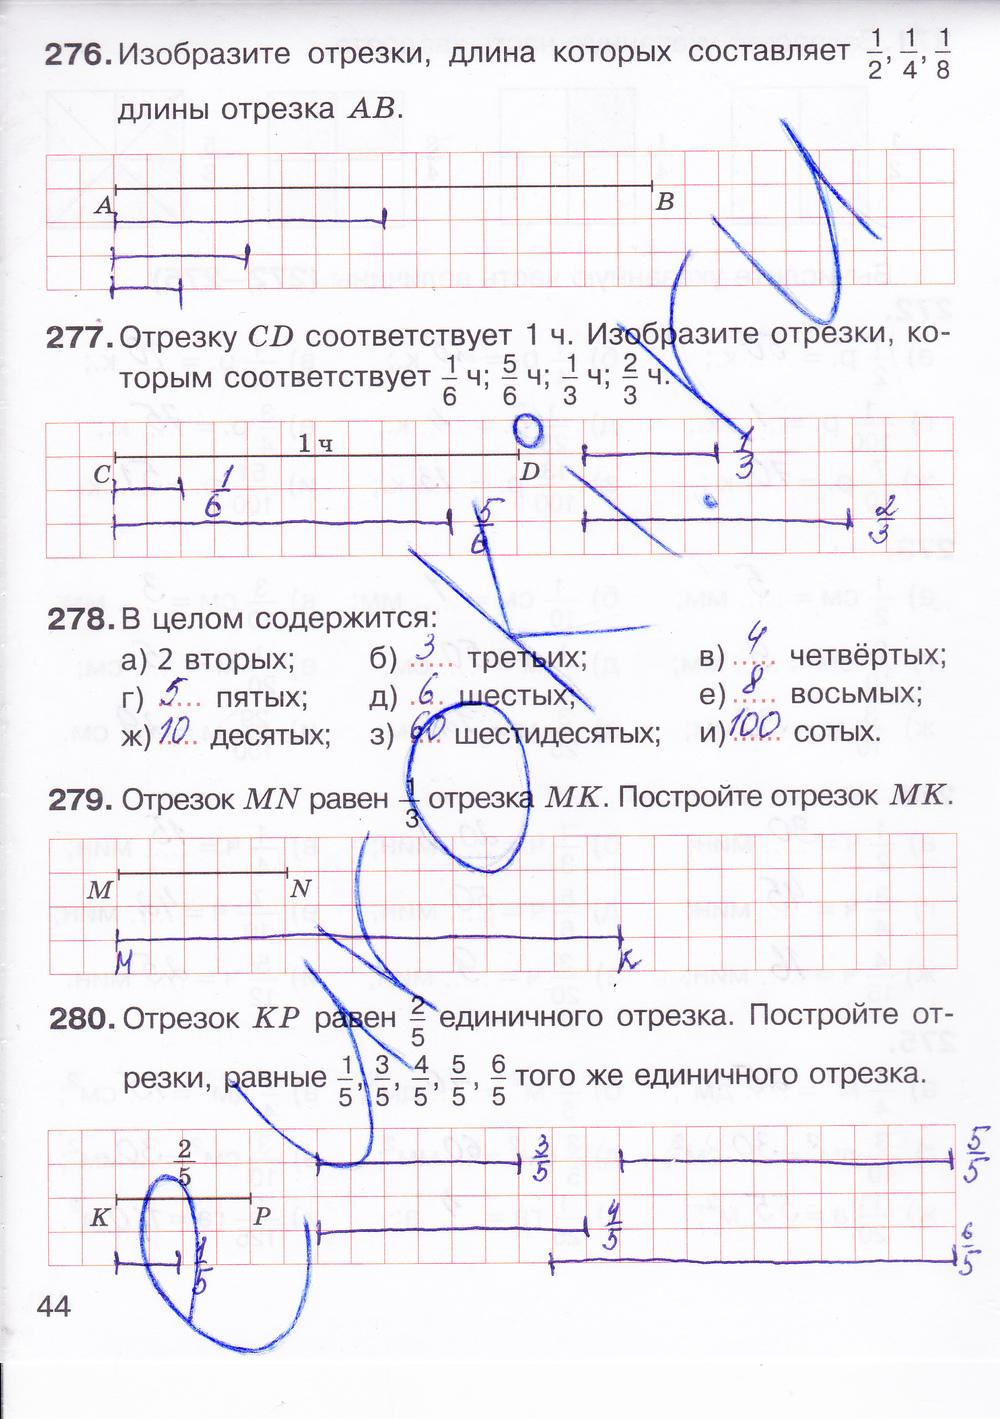 гдз по математике 5 классшевкин рабочая тетрадь 2 часть